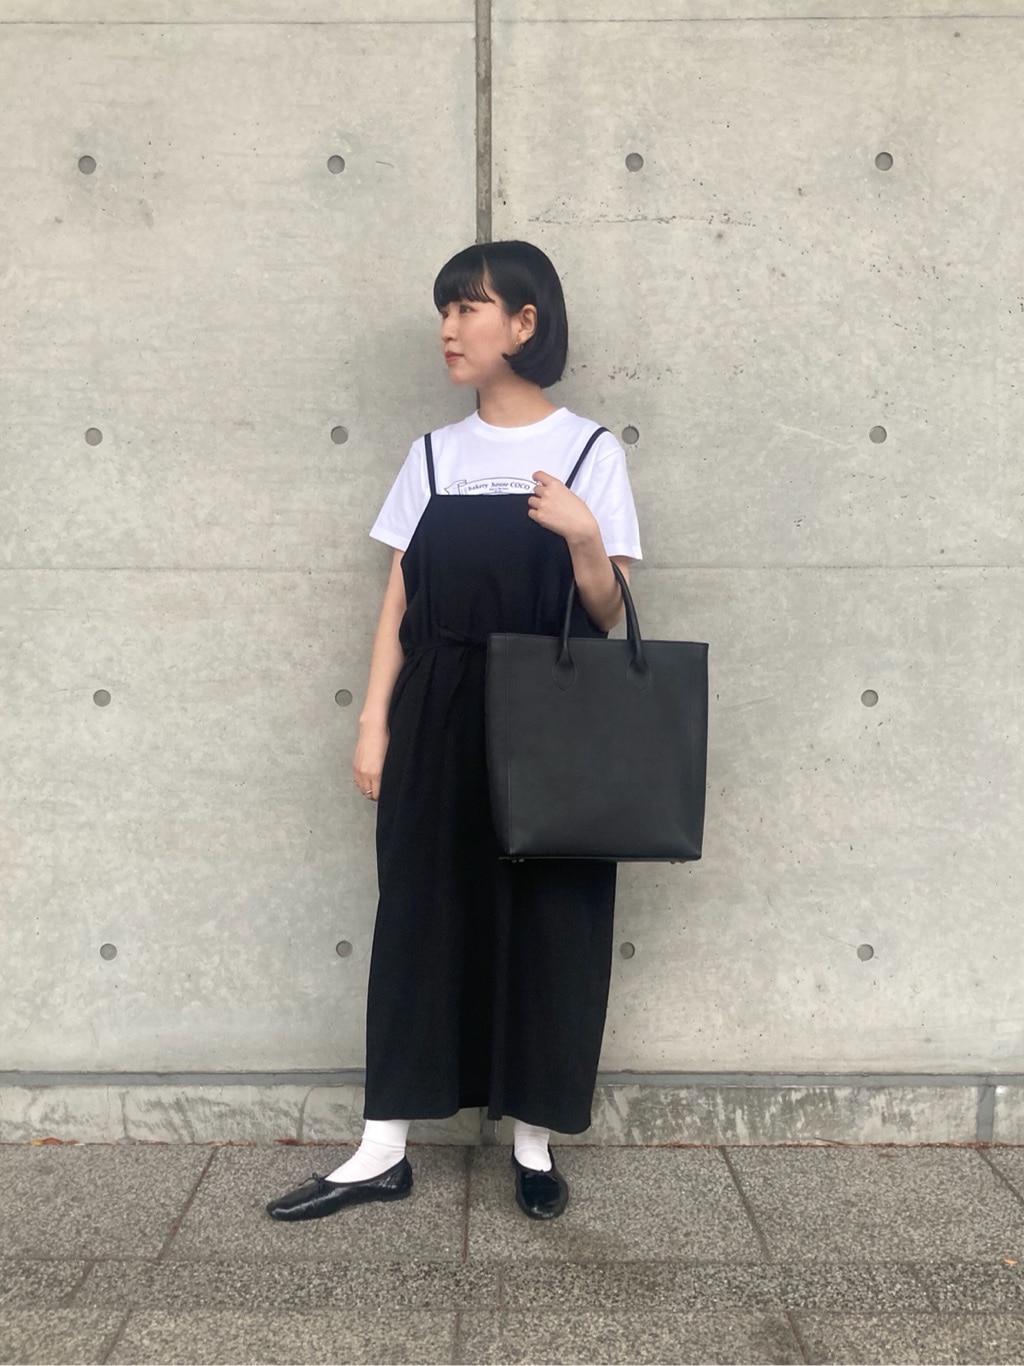 東京スカイツリータウン・ソラマチ 2021.05.19